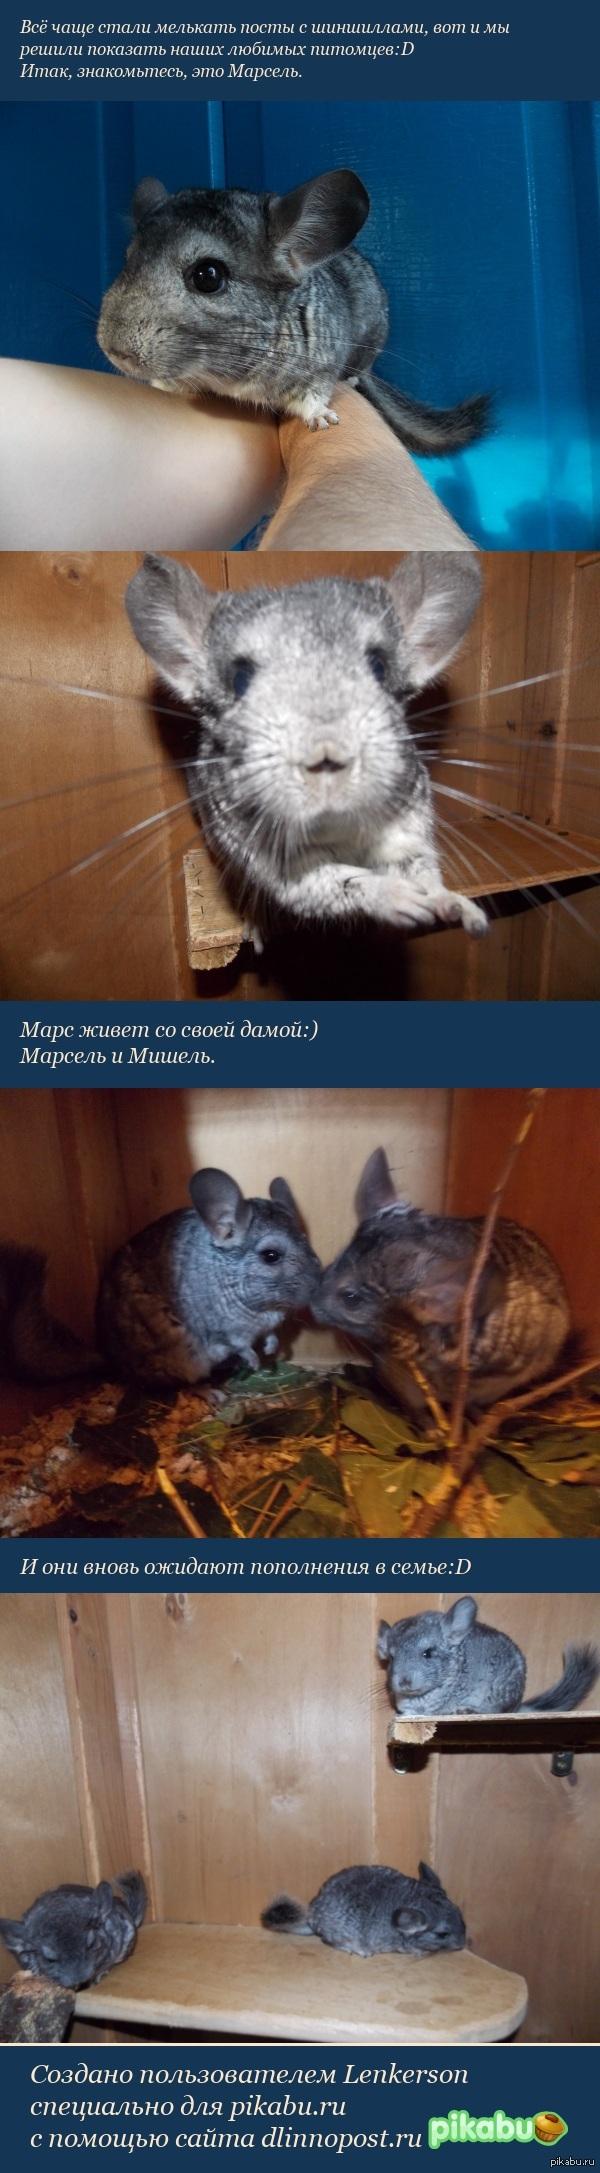 Почти как мини-коты:D